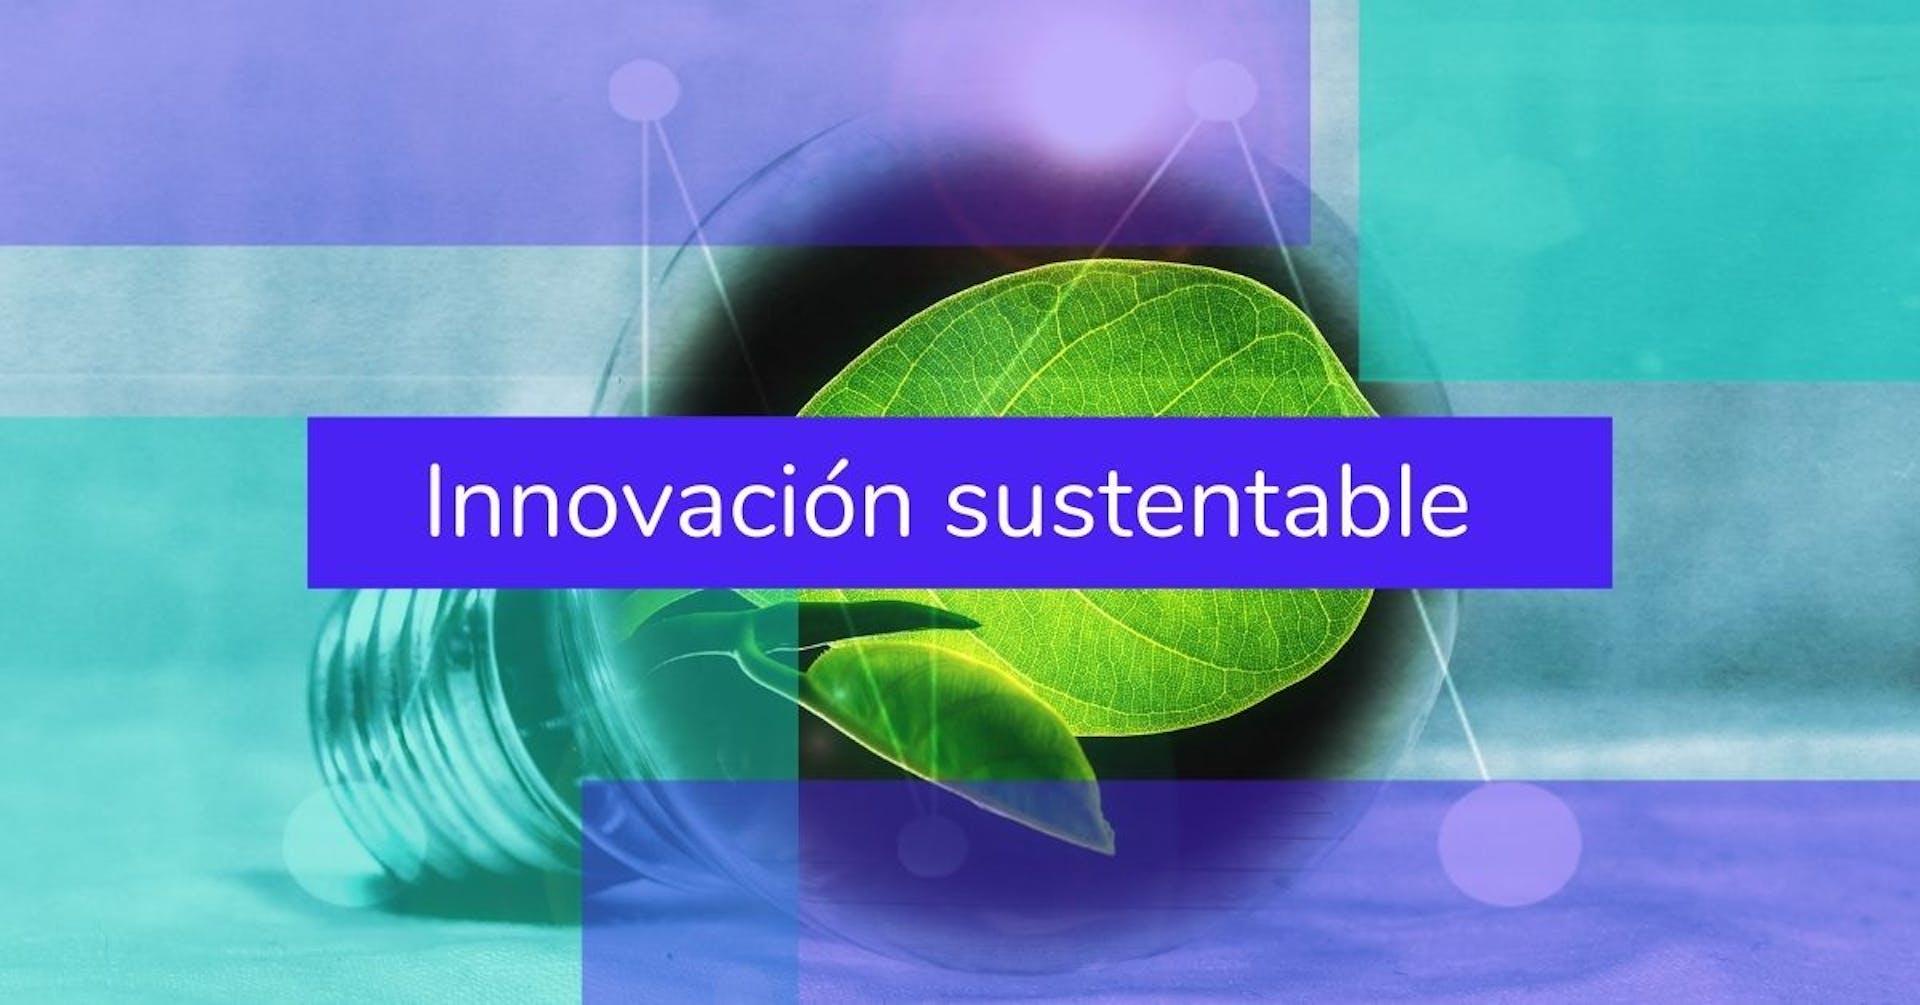 Innovación sustentable, la llave para salvar al planeta